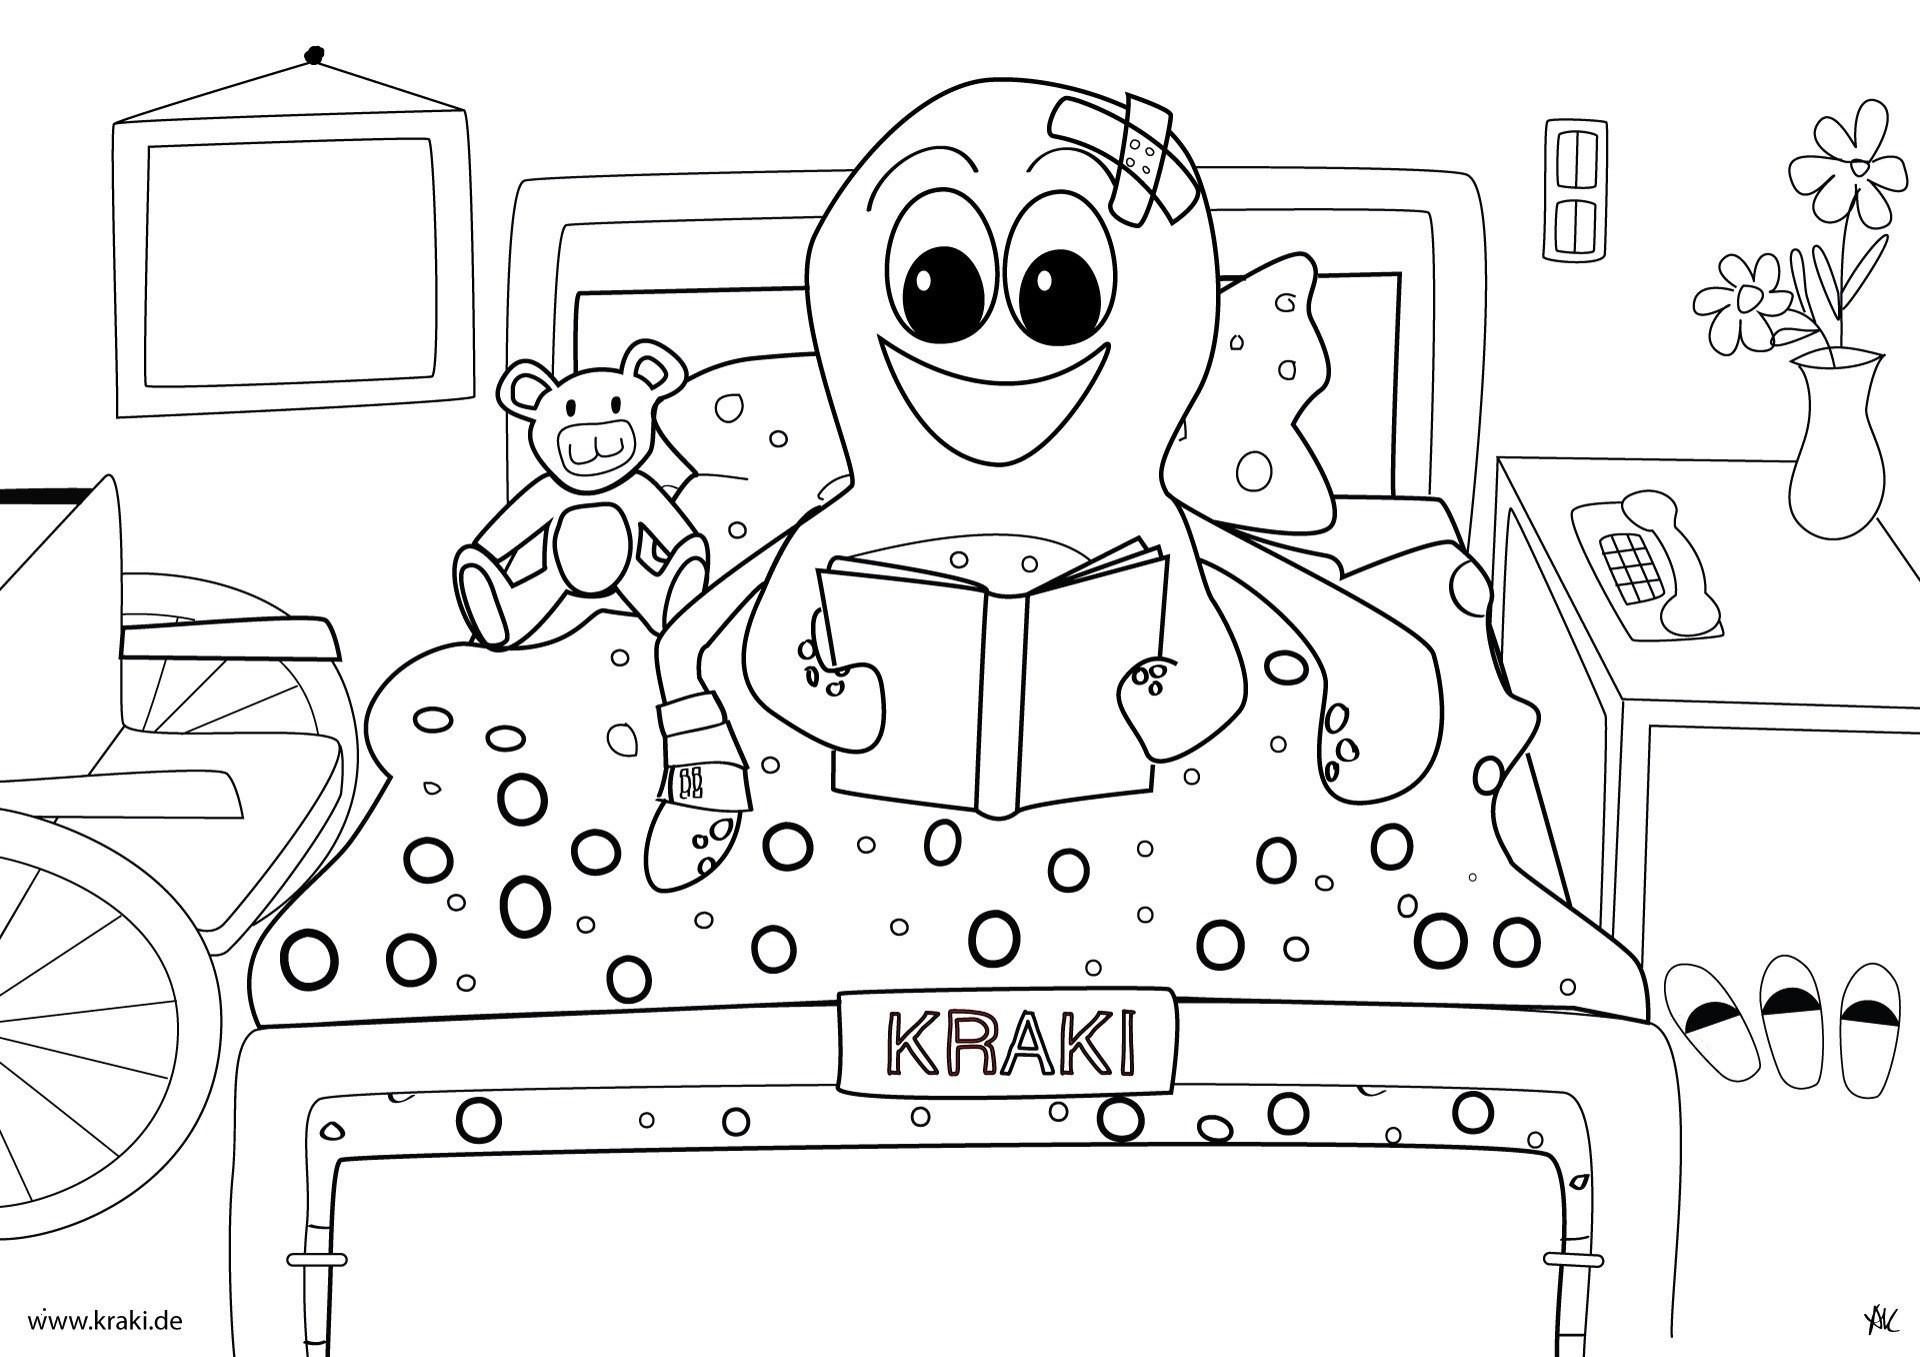 Malvorlagen Hello Kitty Genial 88 Herz Malvorlage Irdz Sammlung